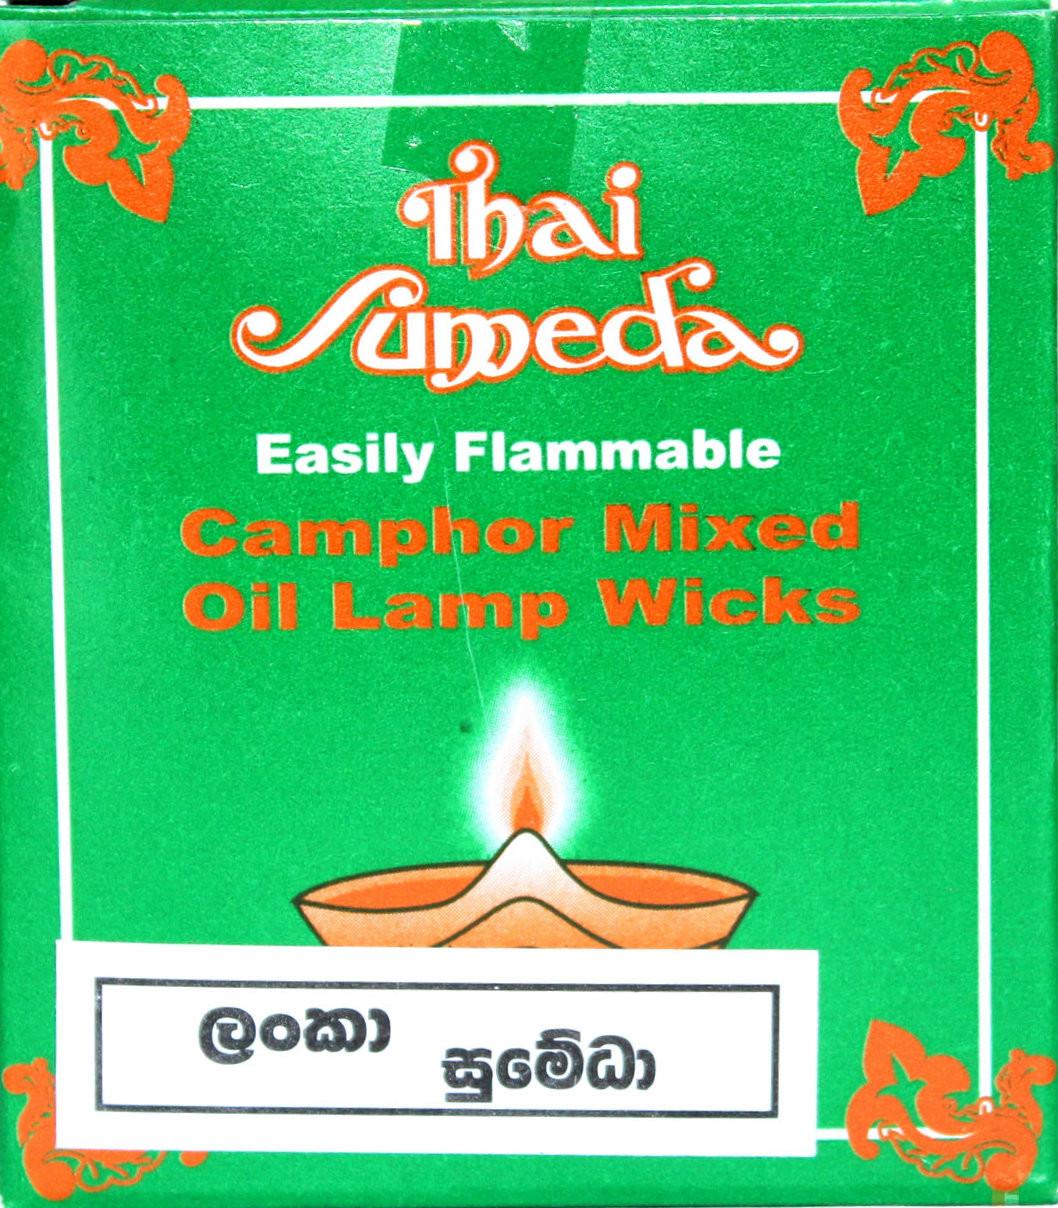 Camphor Mixed Oil Lamp Wicks